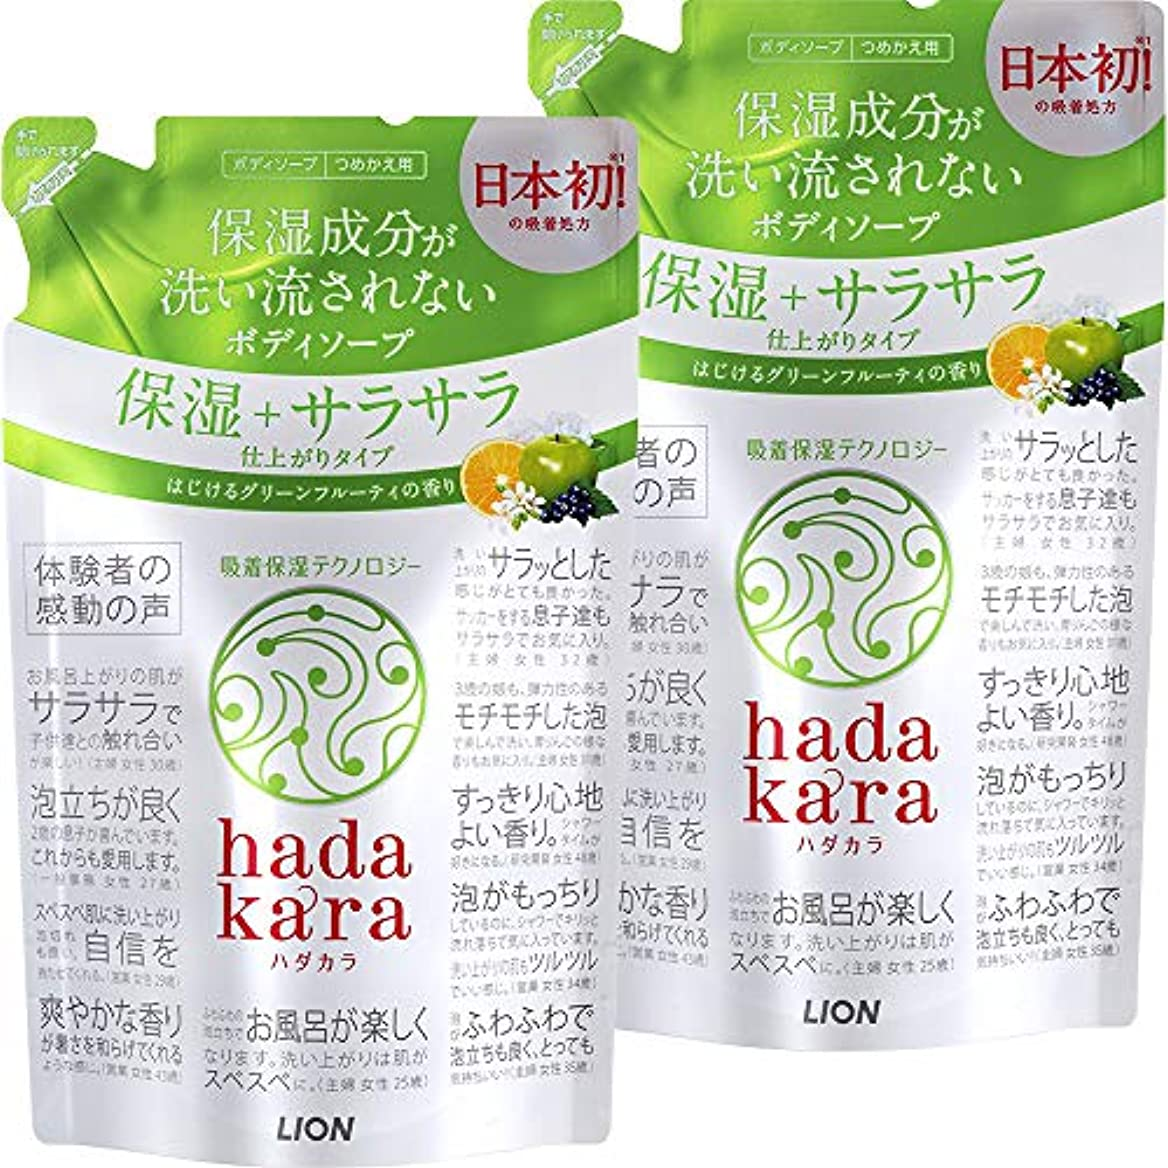 飢えたアリス弾薬【まとめ買い】hadakara(ハダカラ) ボディソープ 保湿+サラサラ仕上がりタイプ グリーンフルーティの香り 詰め替え 340ml×2個パック